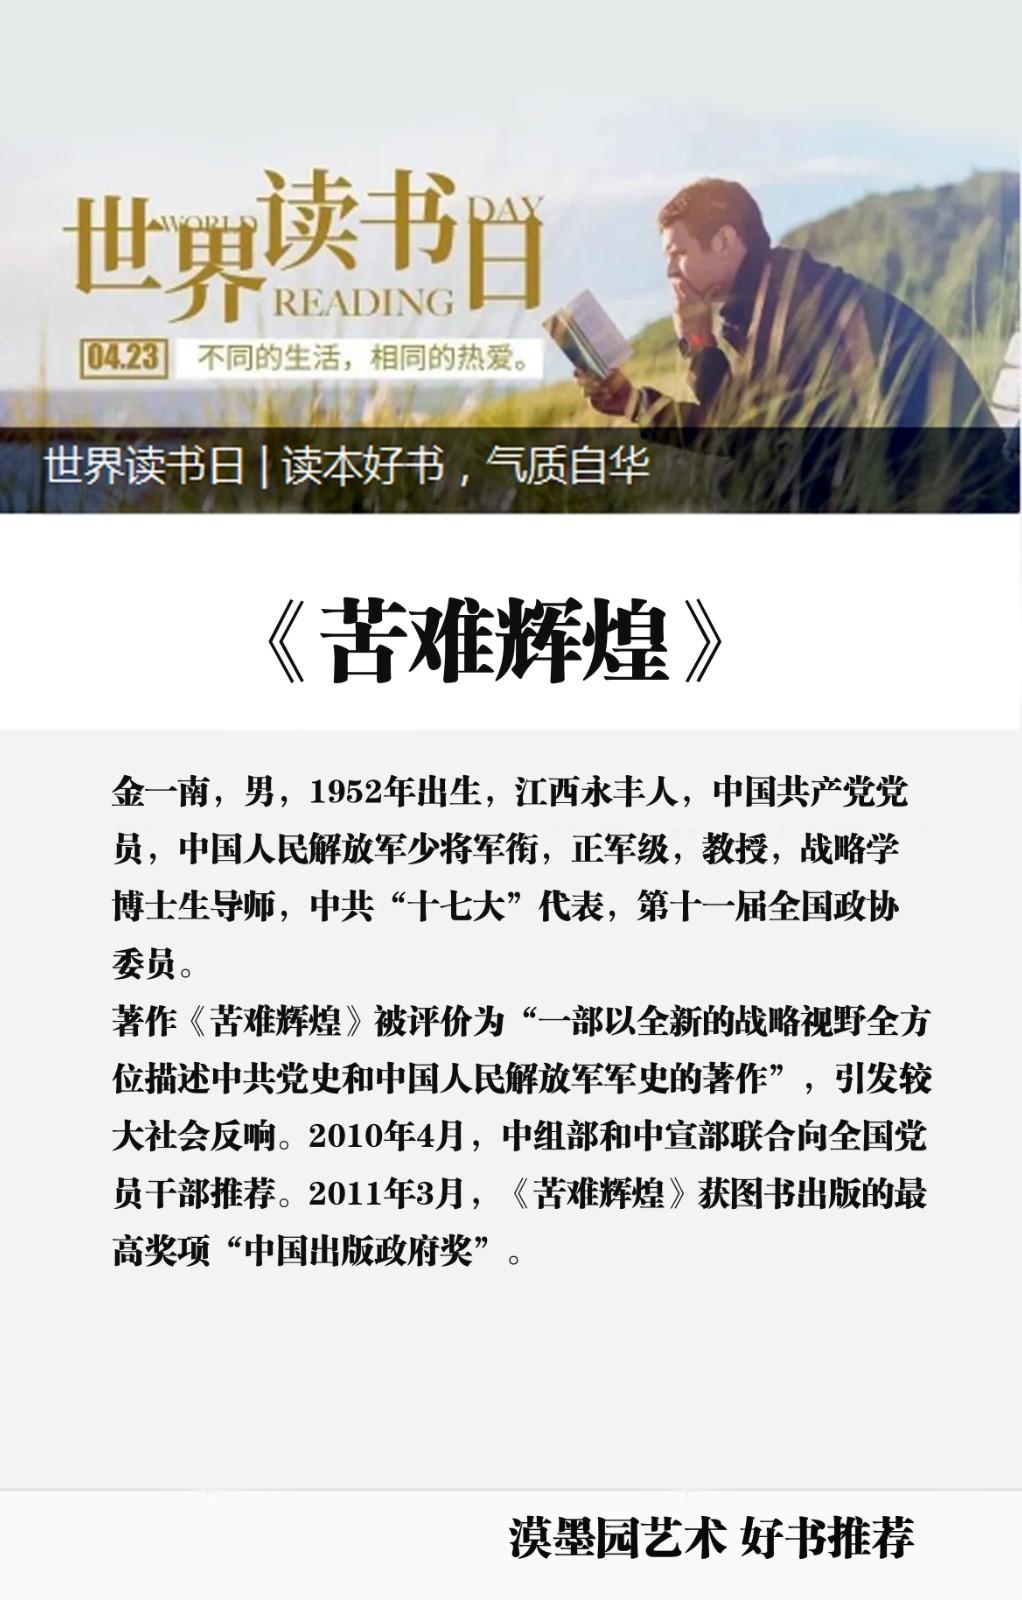 4 23国际读书日   漠墨园艺术好书推荐_图1-3